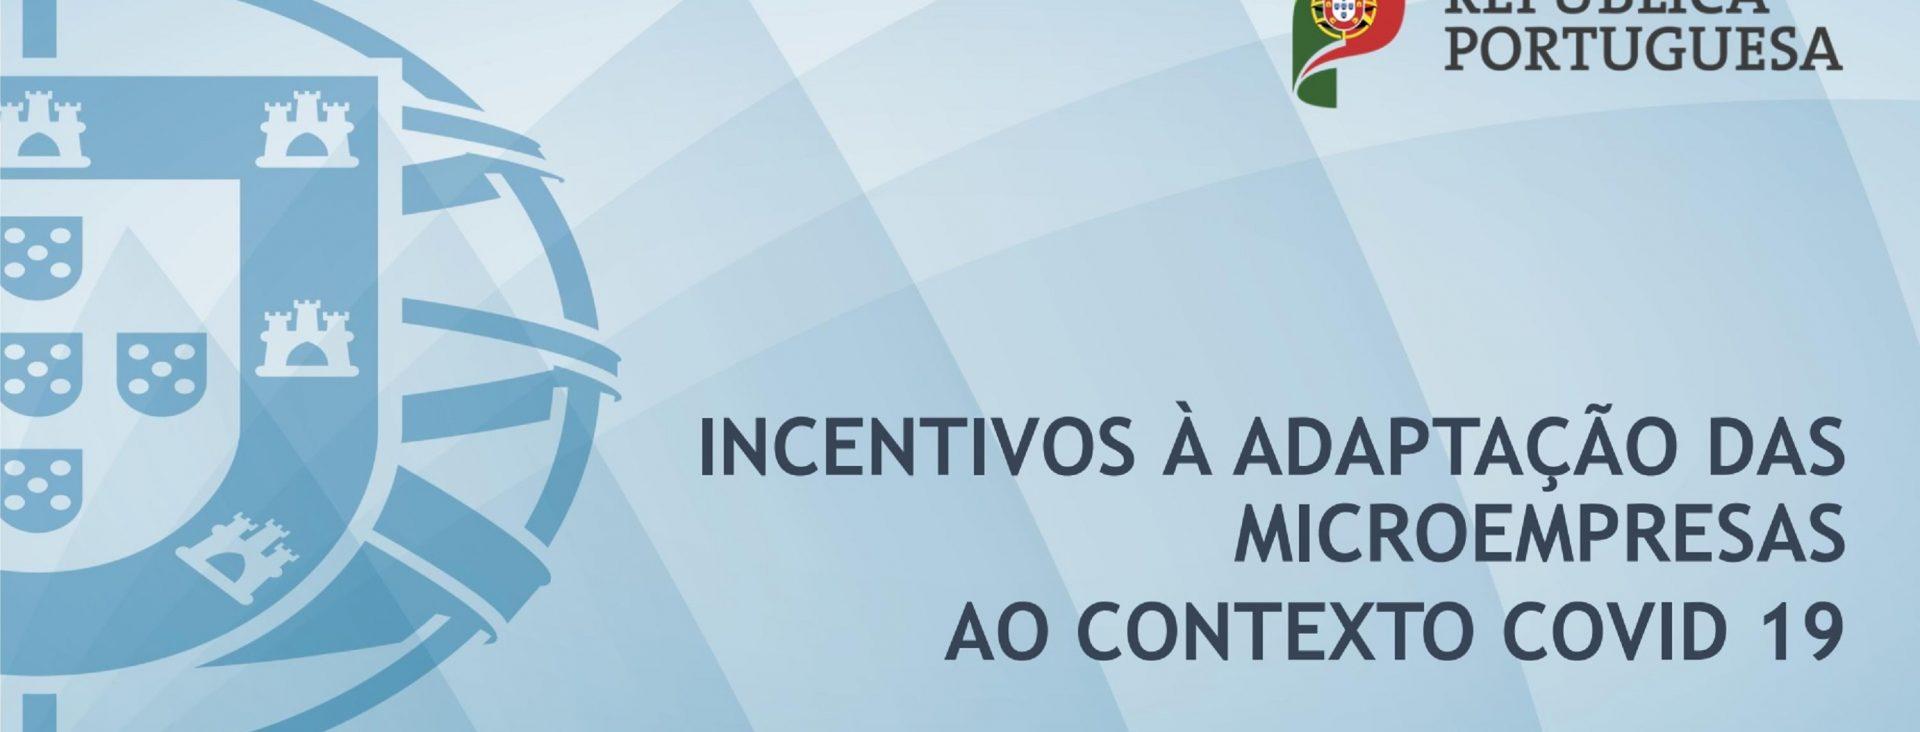 <p>Incentivos à adaptação das microempresas: COVID-19</p>